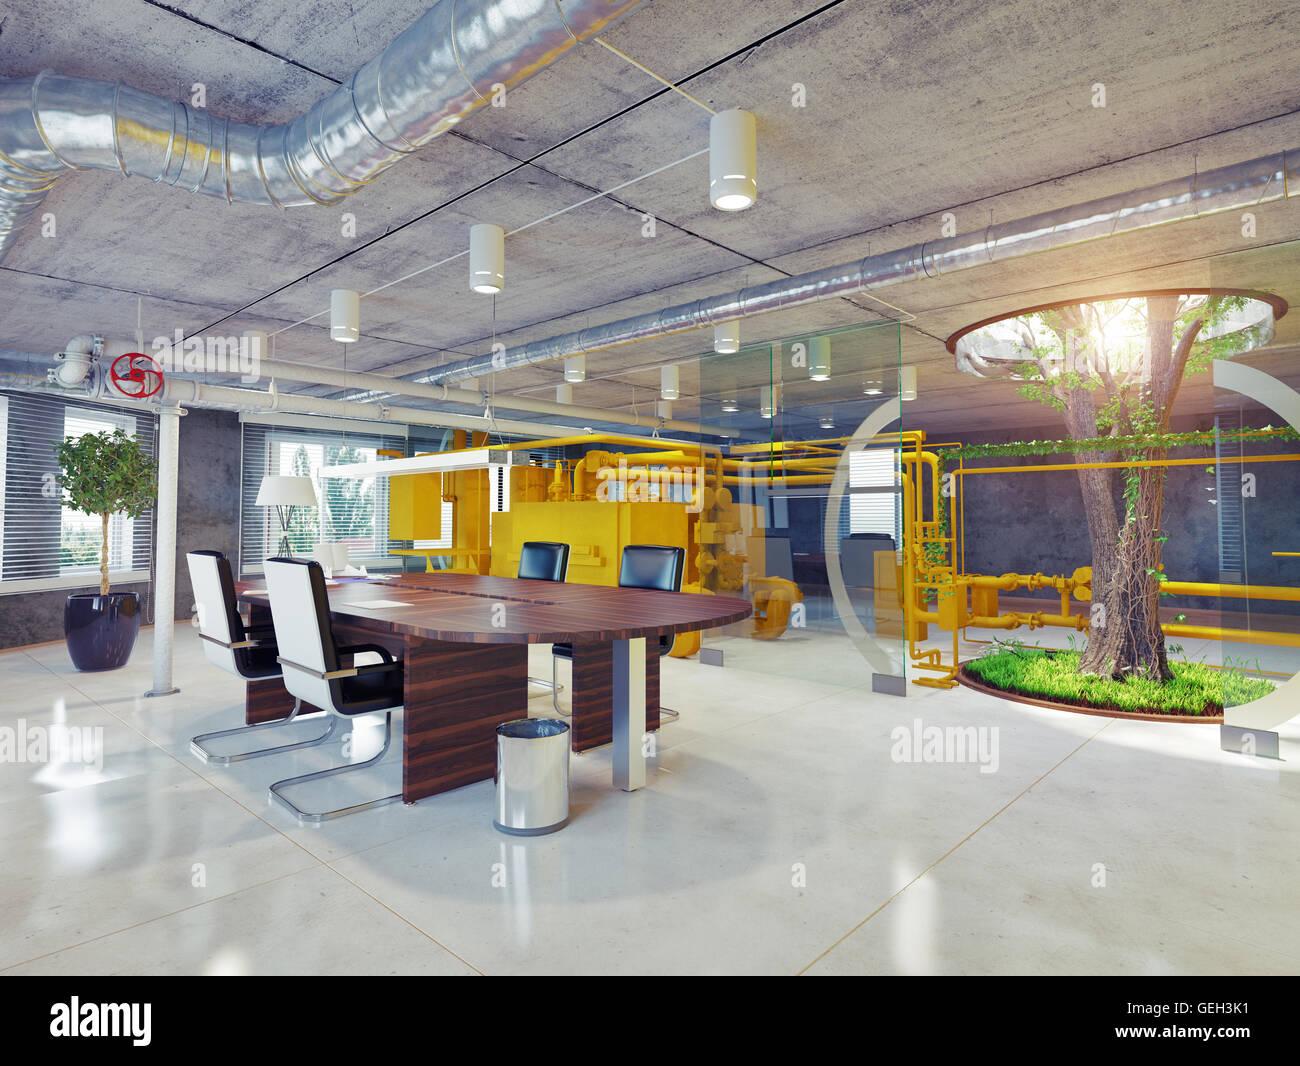 Bureau moderne et écologique de l'intérieur. Concept architectural 3d Photo Stock